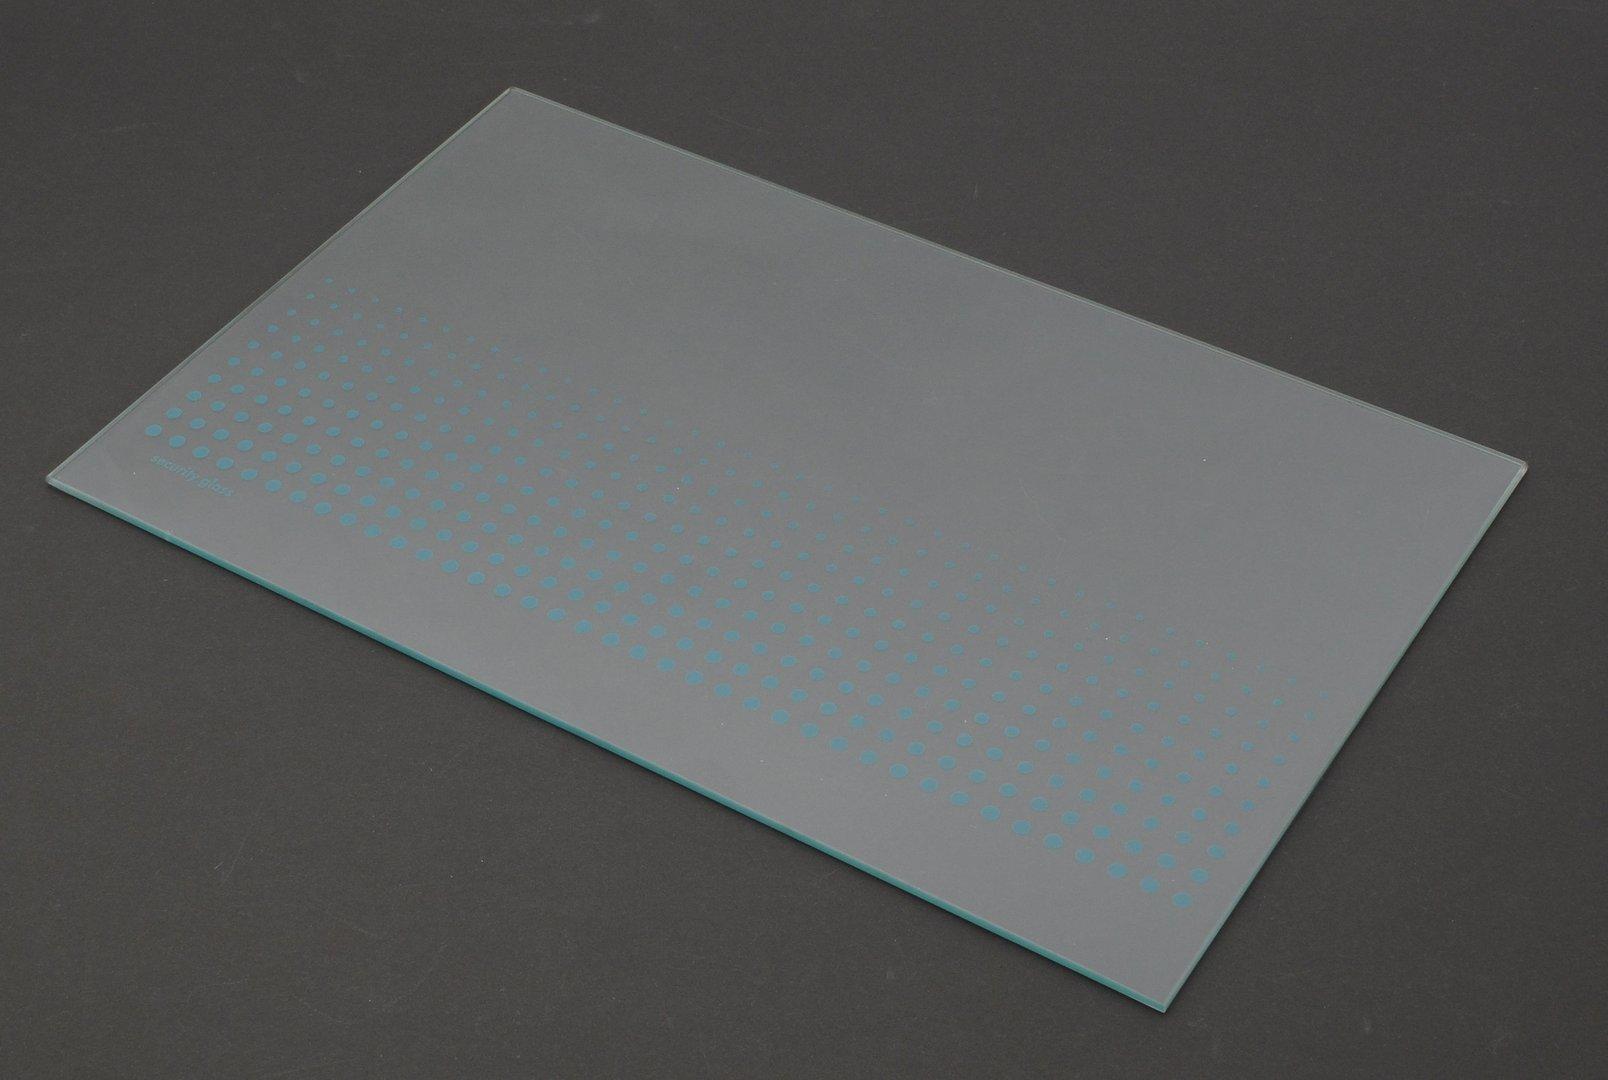 Aeg Kühlschrank Wasser Unter Gemüsefach : Privileg glasplatte über gemüseschale kühlschrank 2270073063